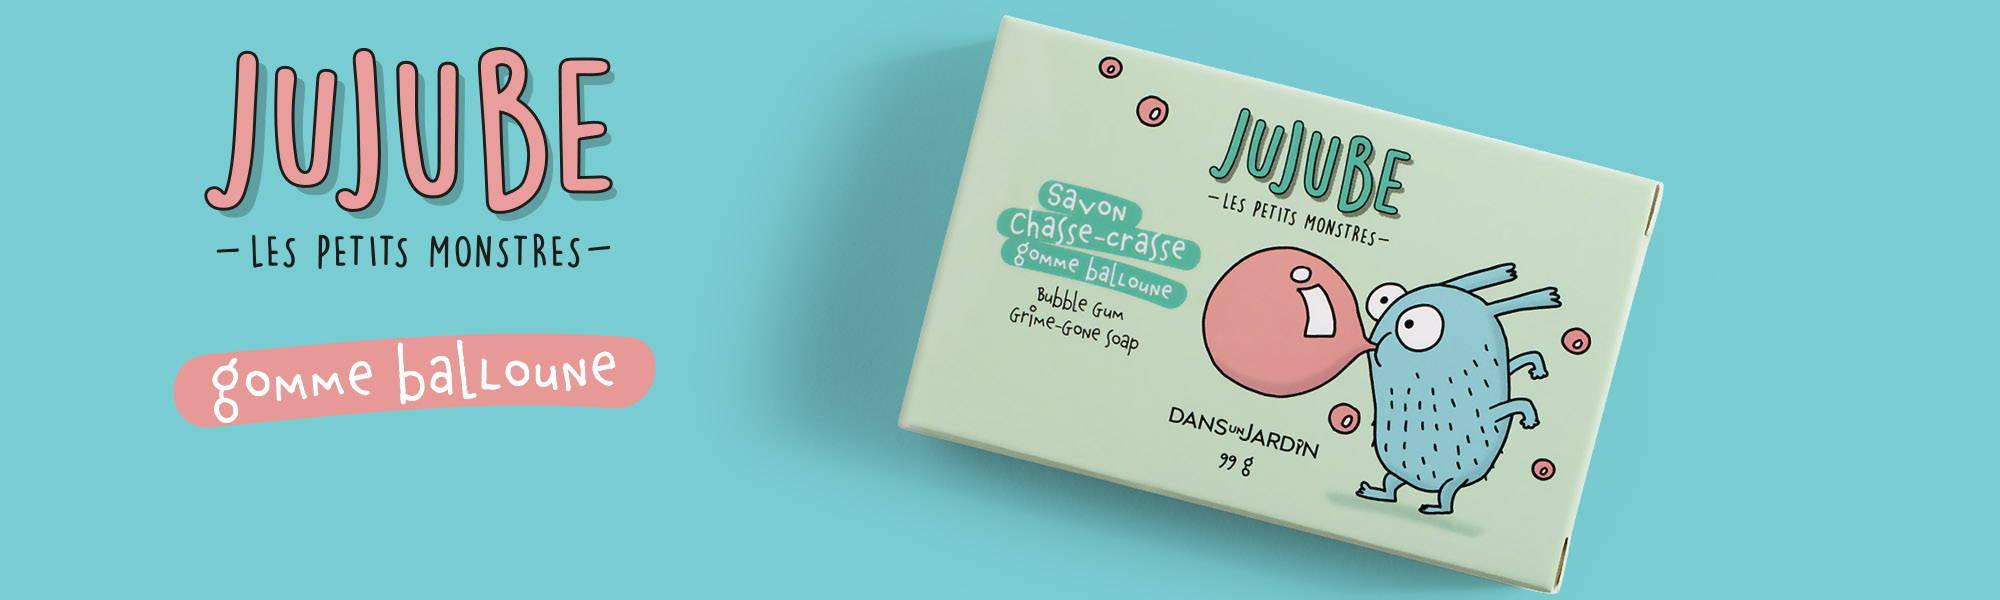 Image de la gamme Gomme balloune de la collection Jujube les petits monstres Dans un Jardin